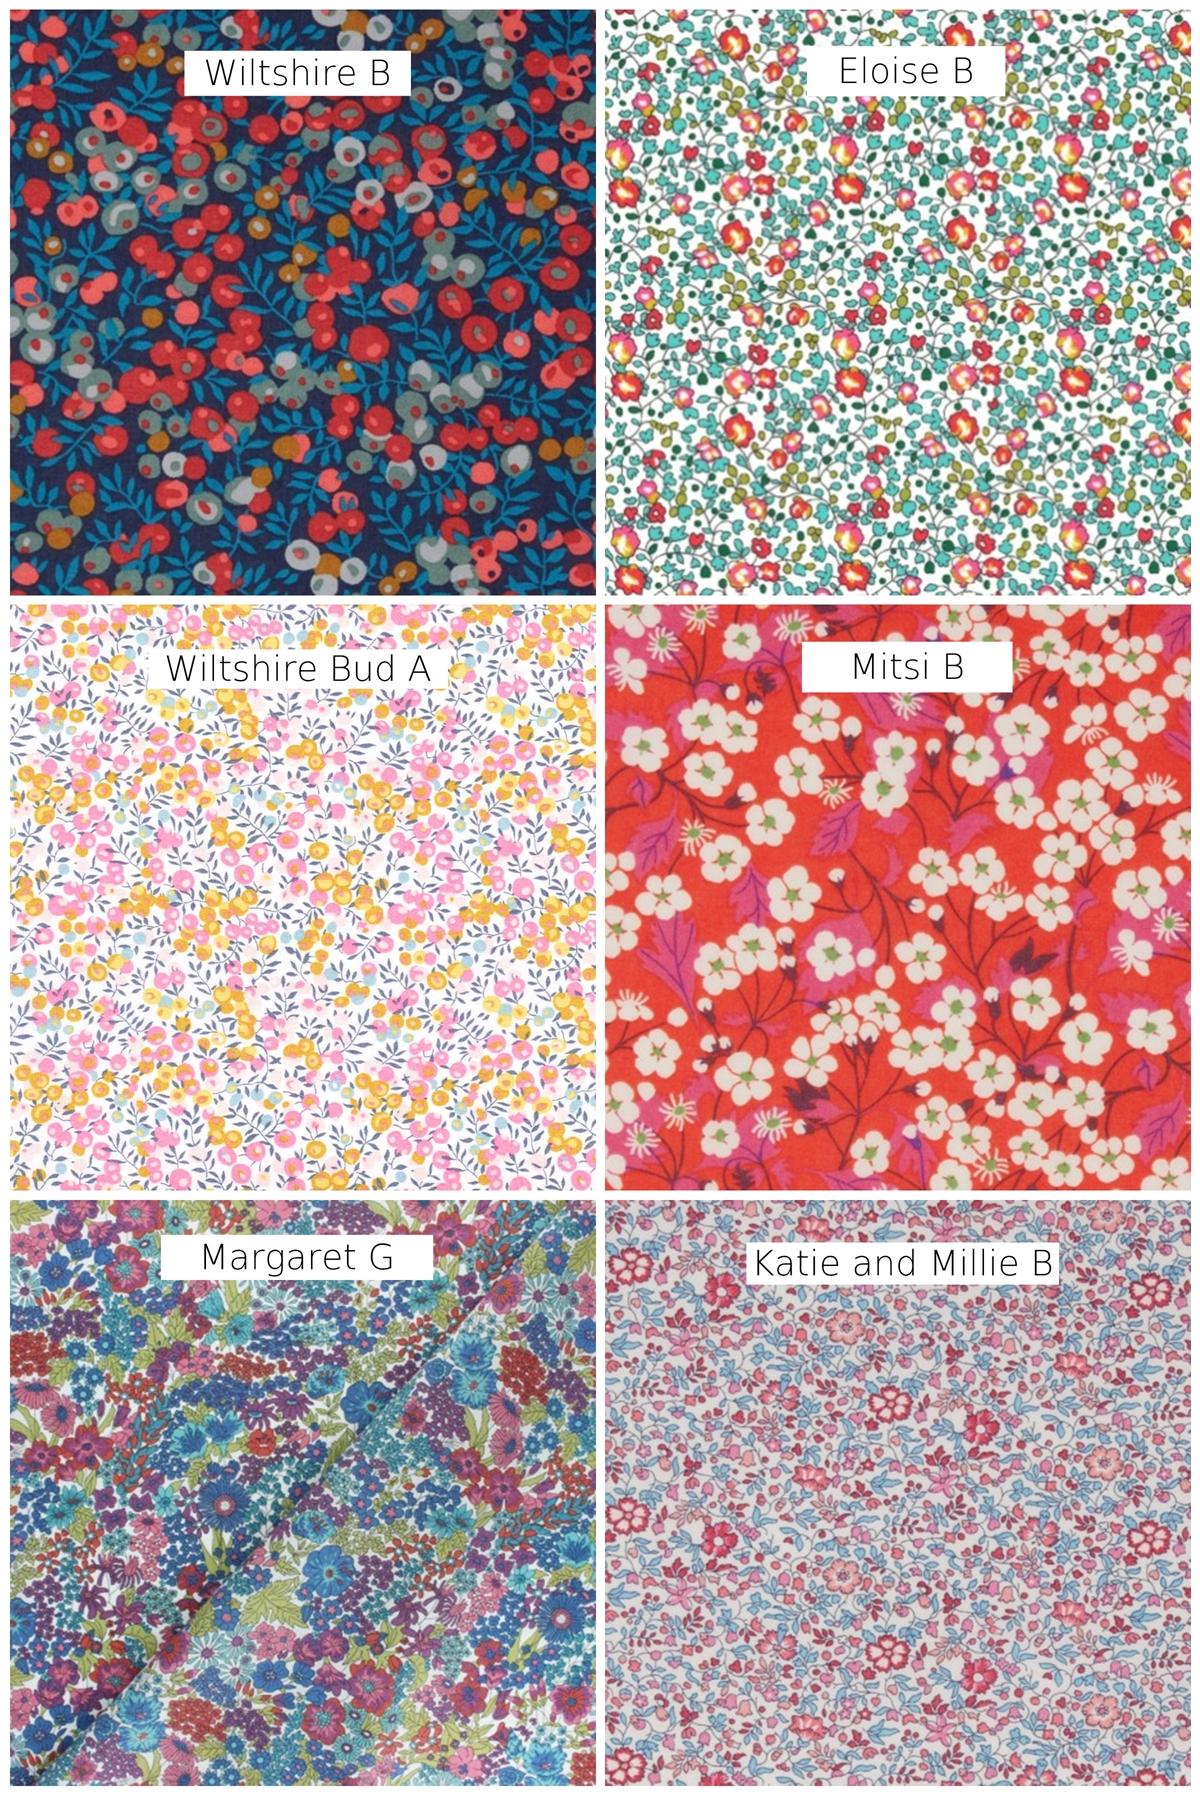 Liberty été 2021 Alice MARTY Couture florale Accessoires fleuris Albi Toulouse